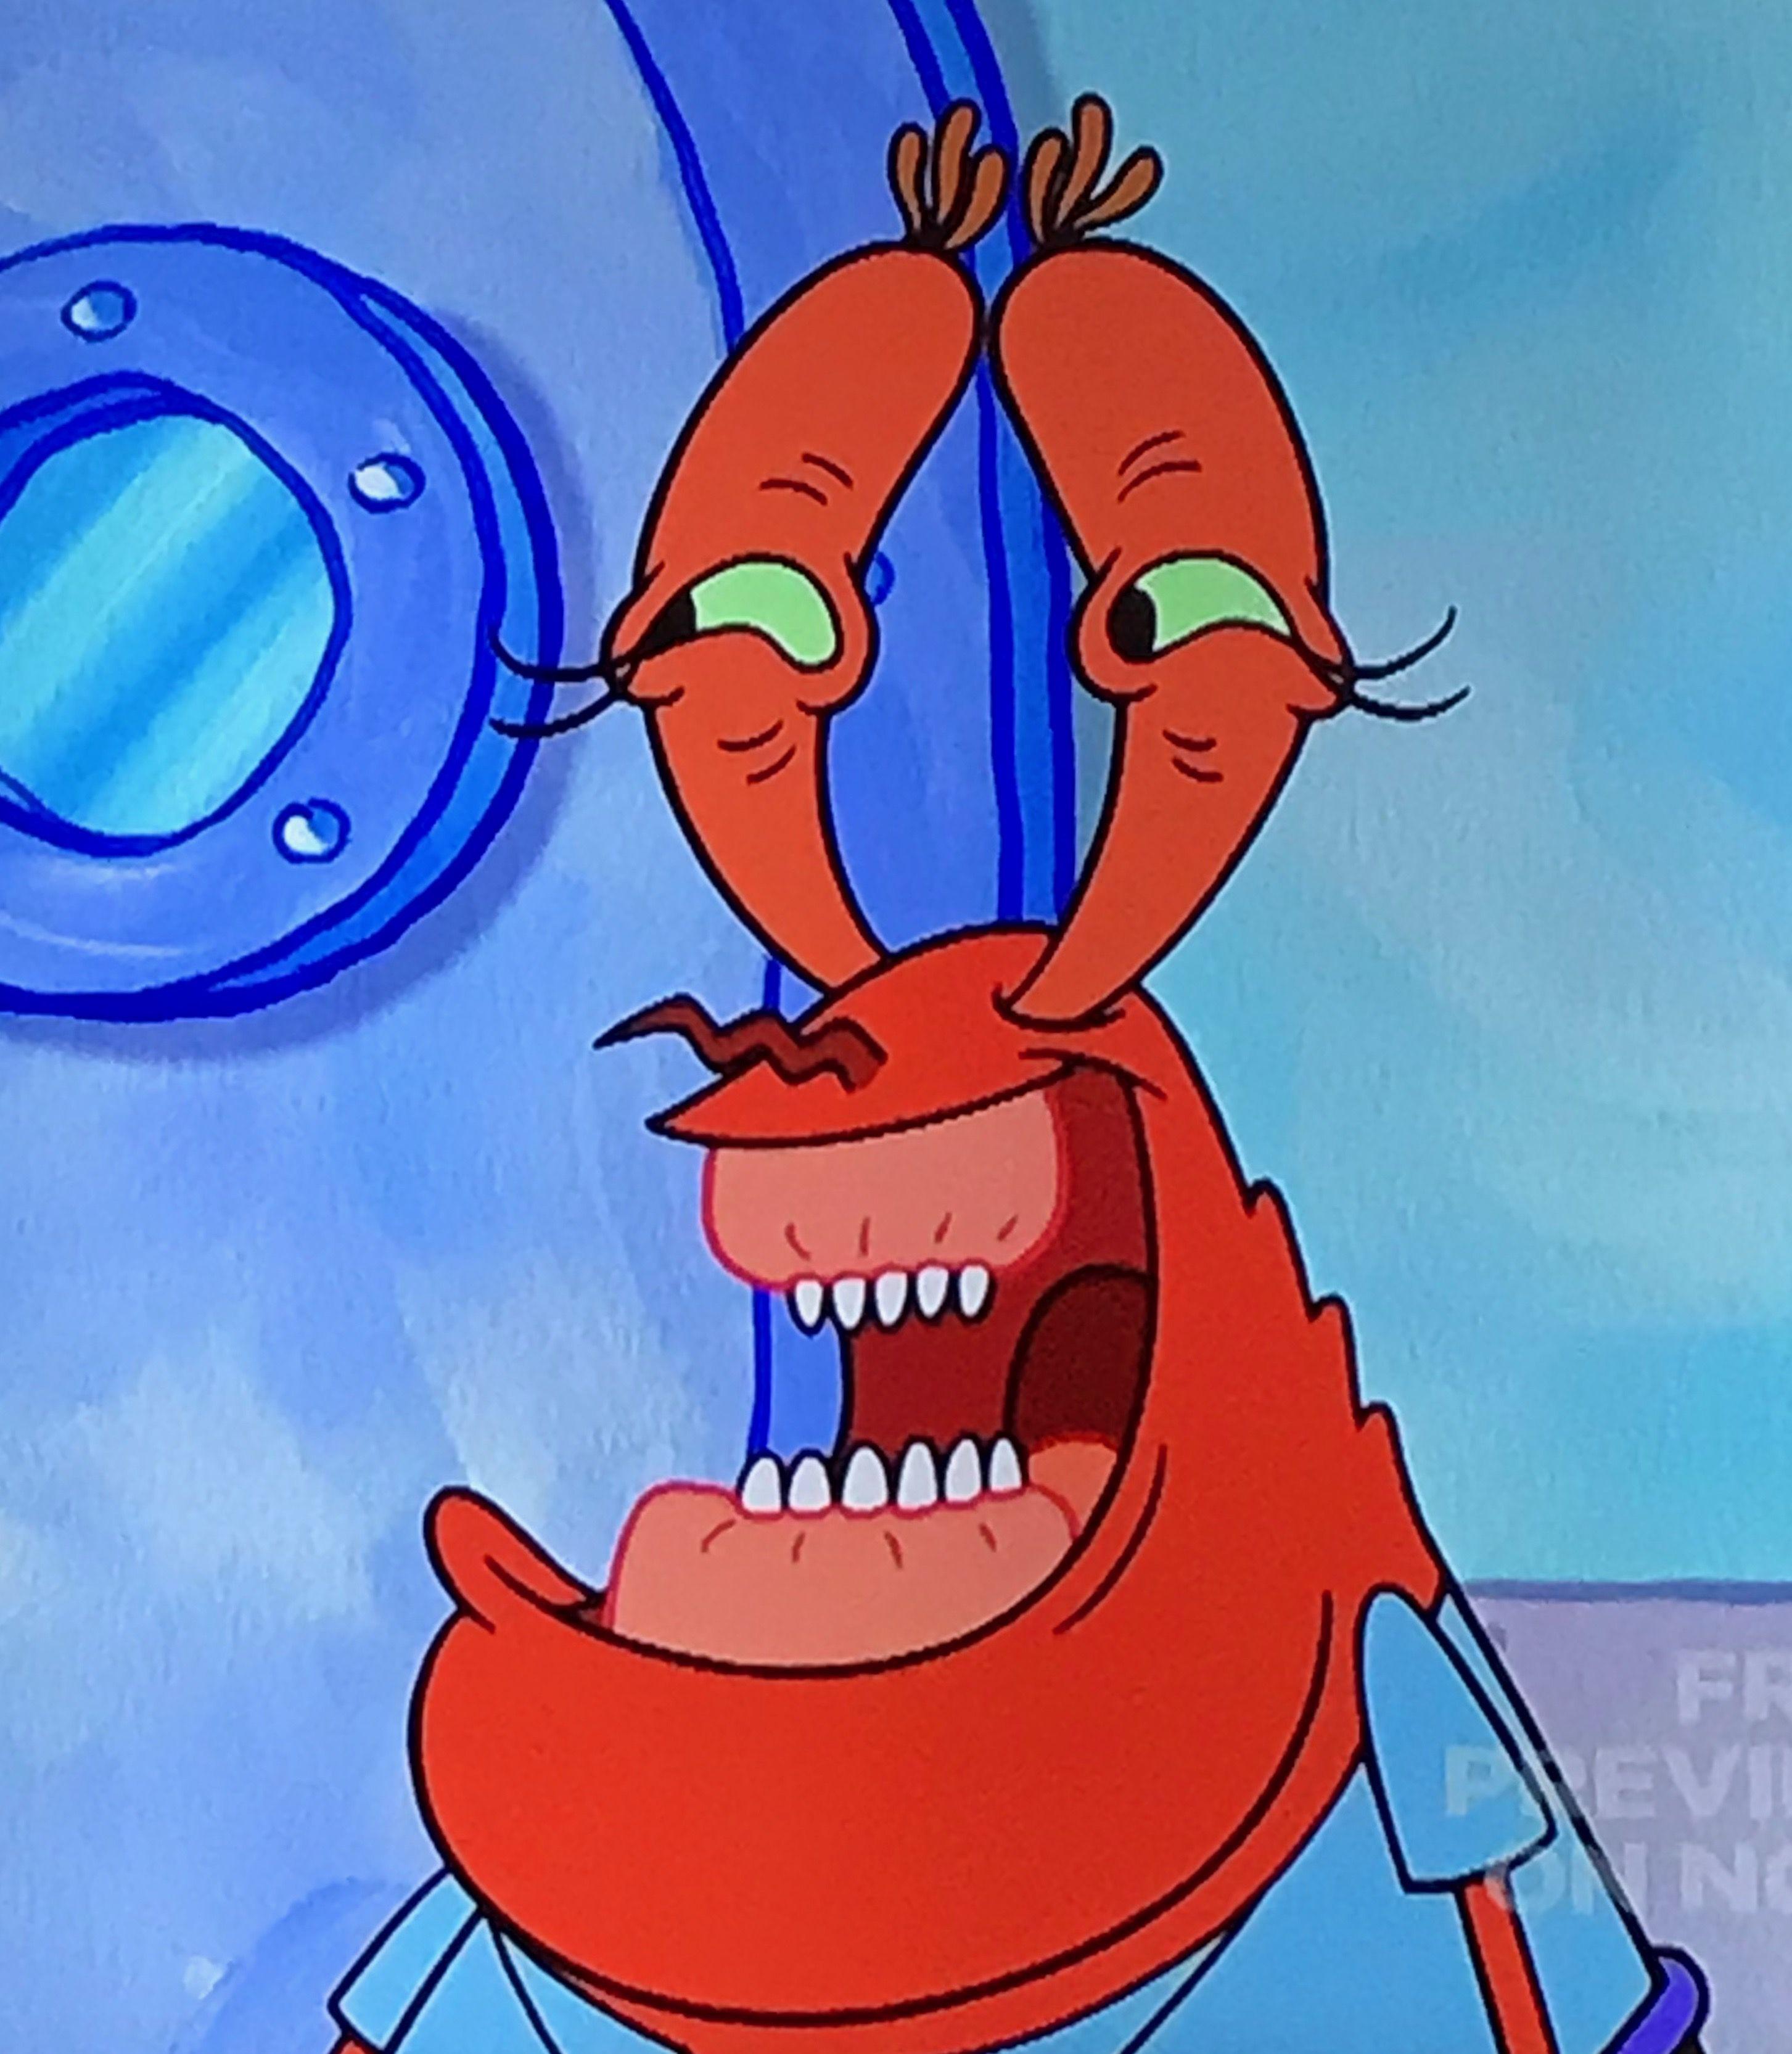 Spongebob Squarepants Painting Memes Cartoon Pics Cartoon Memes